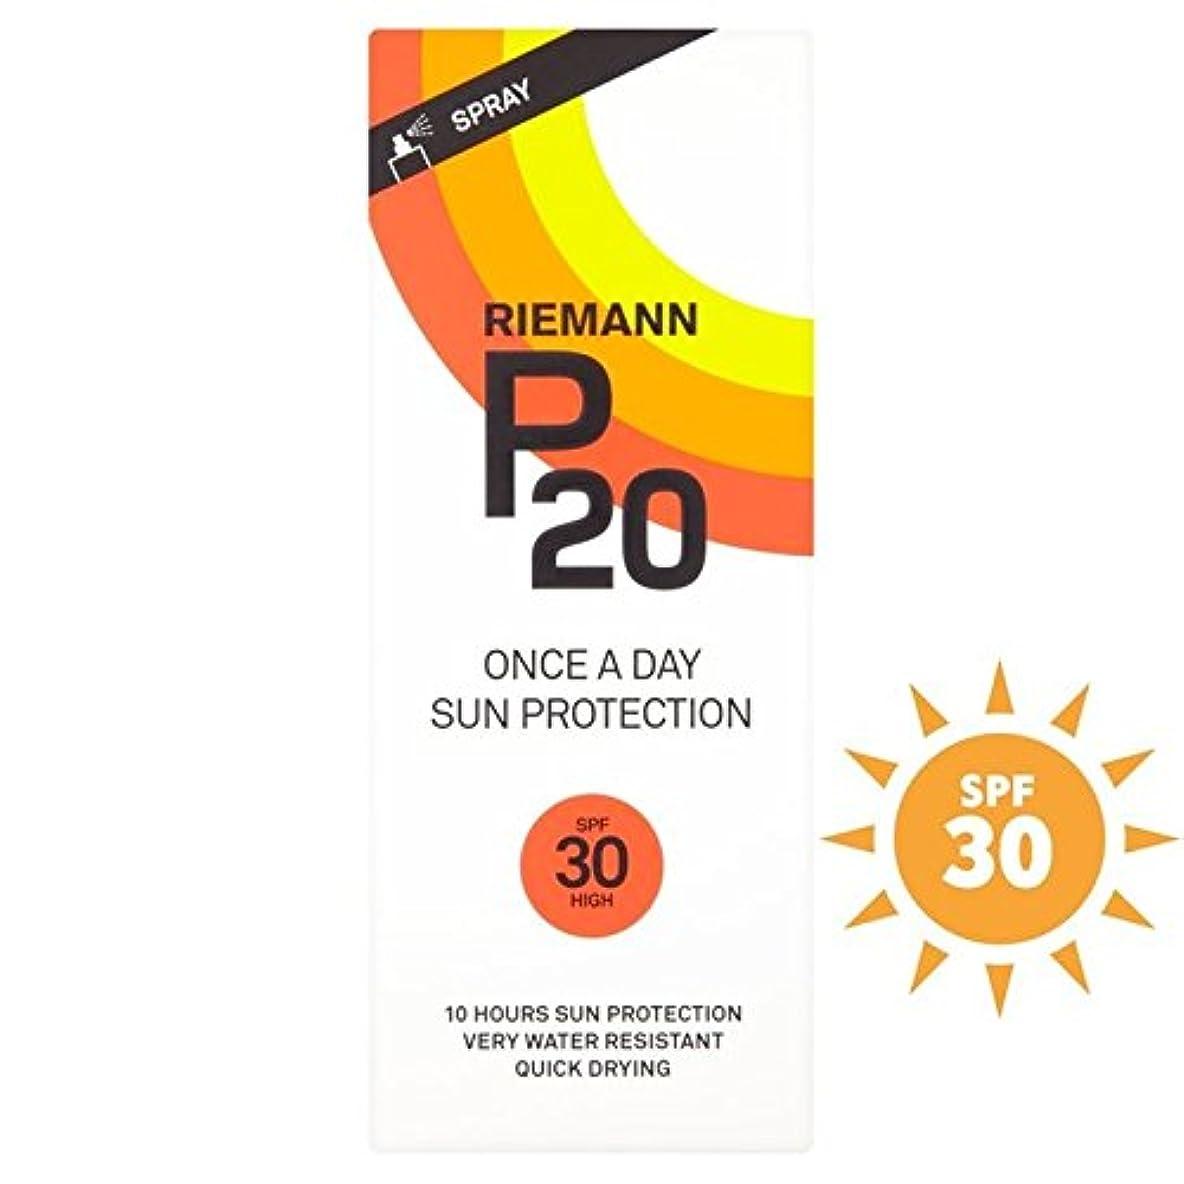 唇レキシコン騒乱Riemann P20 SPF30 1 Day/10 Hour Protection 200ml (Pack of 6) - リーマン20 30 1日/ 10時間の保護200ミリリットル x6 [並行輸入品]